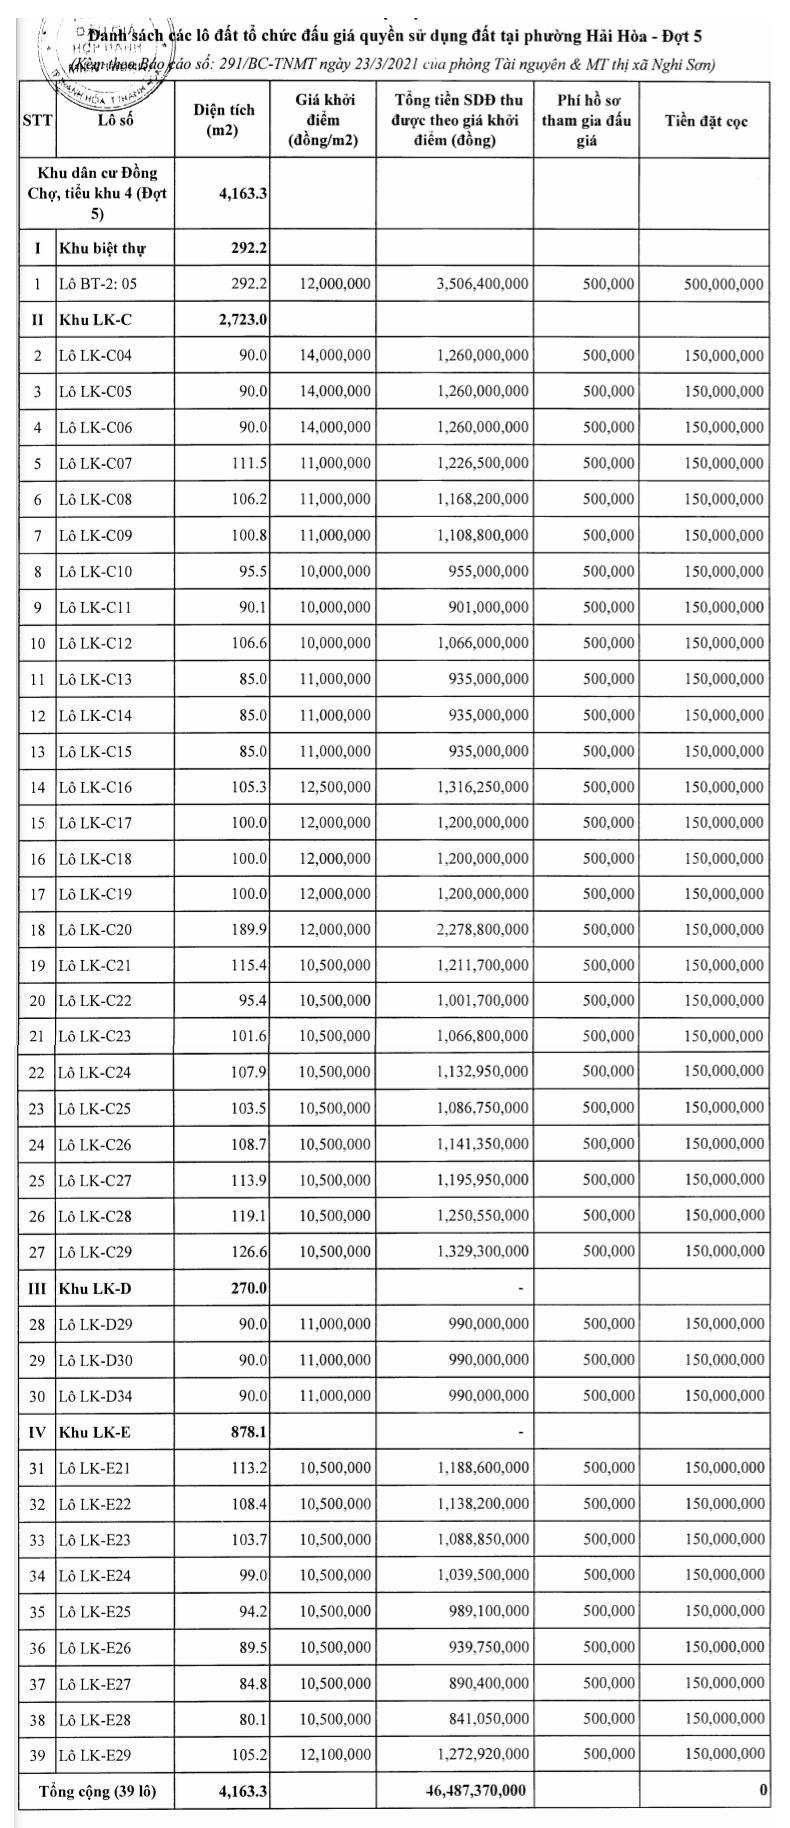 Nghi Sơn, Thanh Hóa sắp đấu giá 39 lô đất, khởi điểm 10,5 triệu đồng/m2 - Ảnh 1.